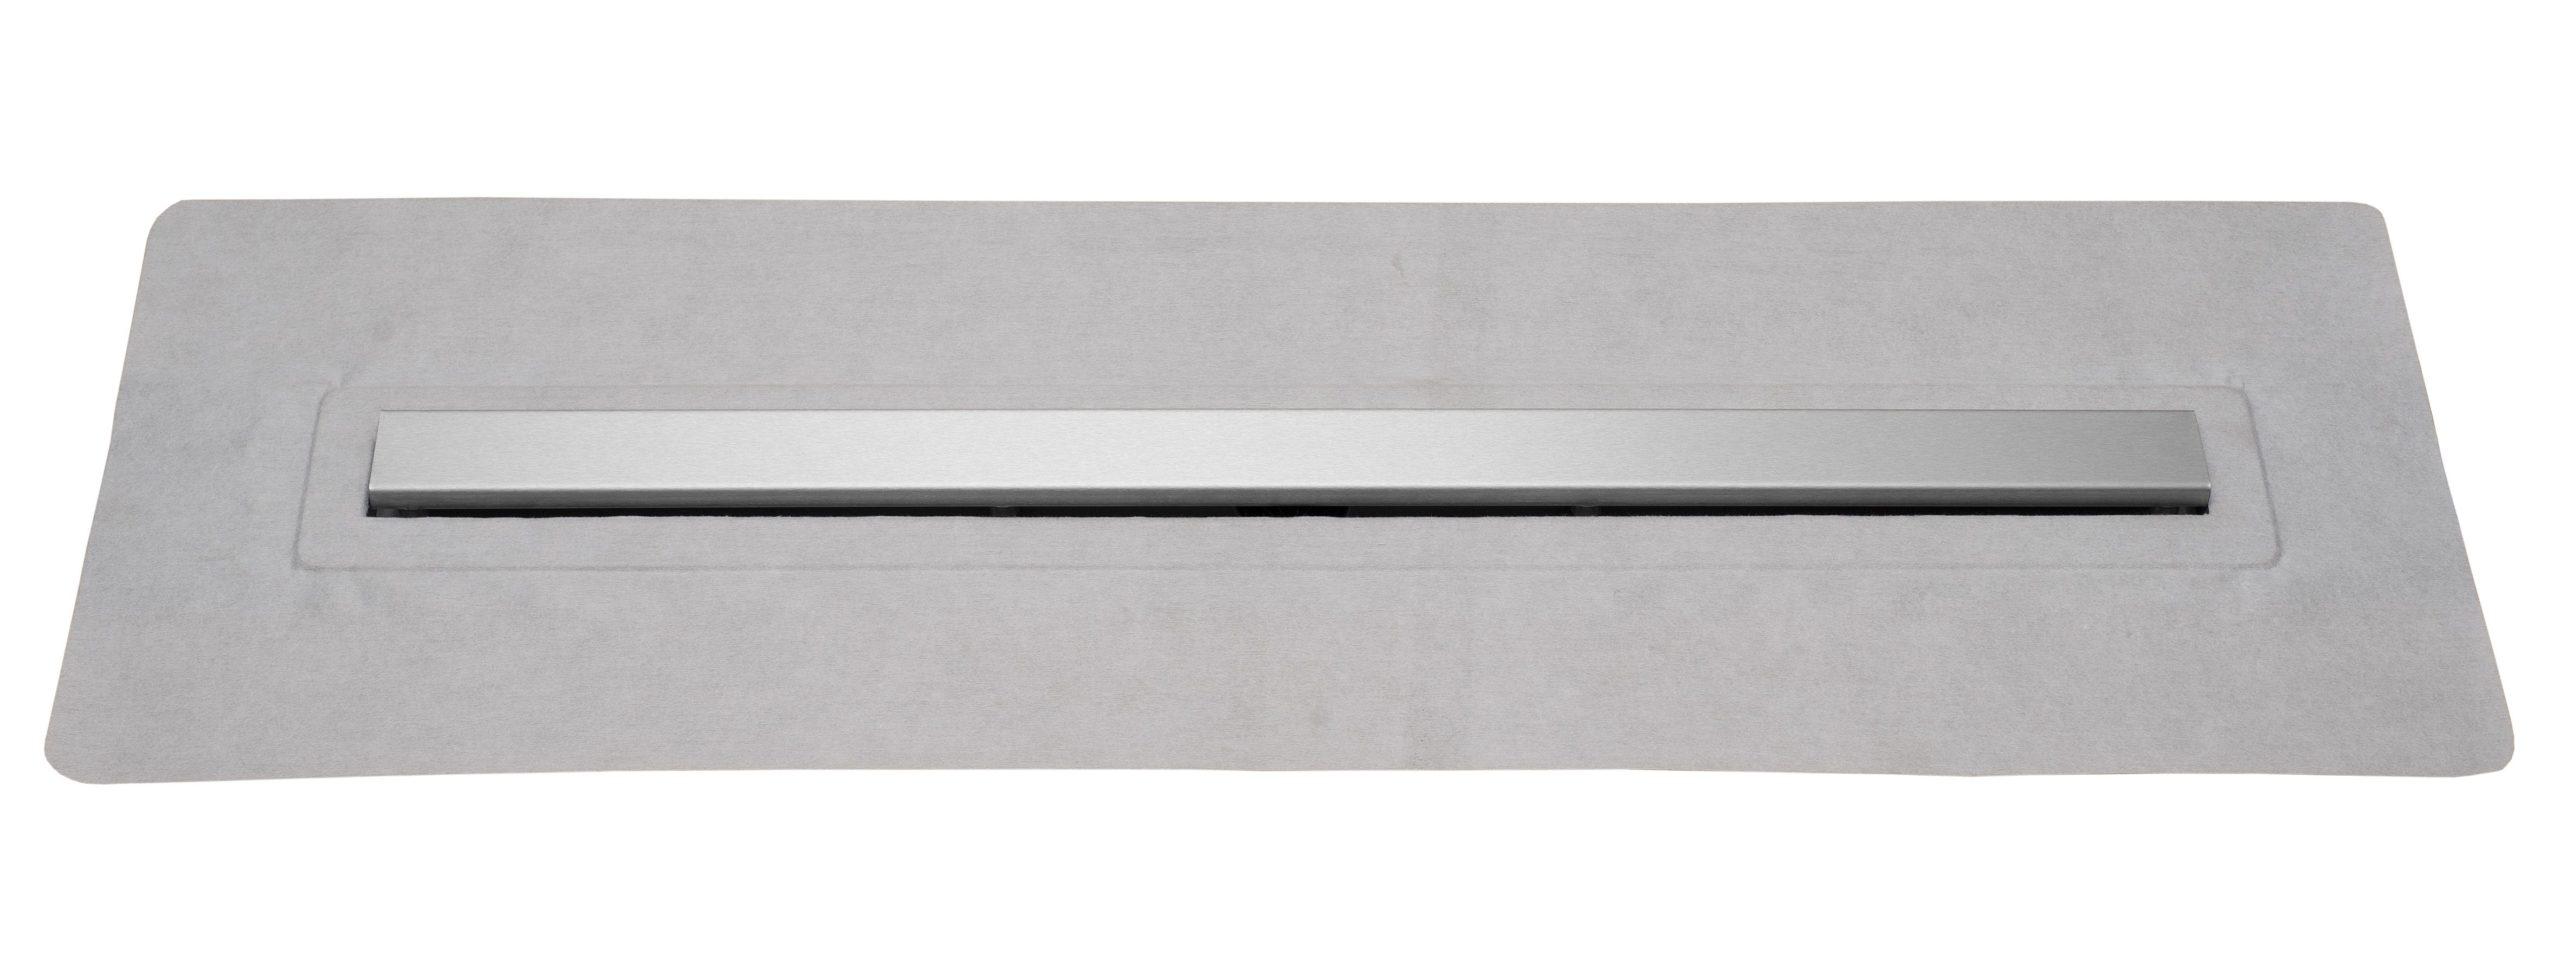 Schutte Free Douchegoot met RVS rooster, lengte 700 mm